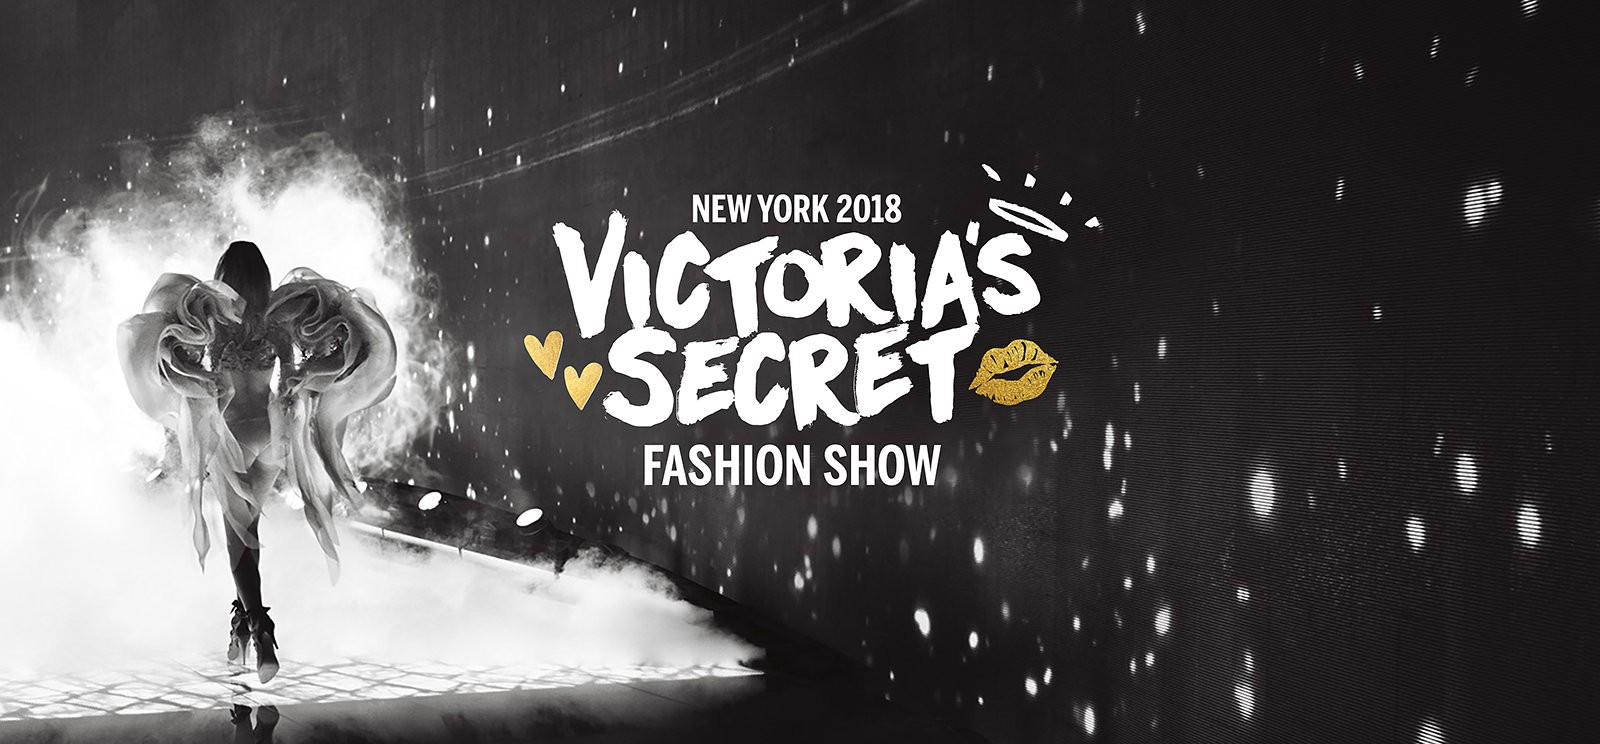 Victoria's Secret Fashion Show 2018: Những điểm đáng chú ý - Ảnh 1.